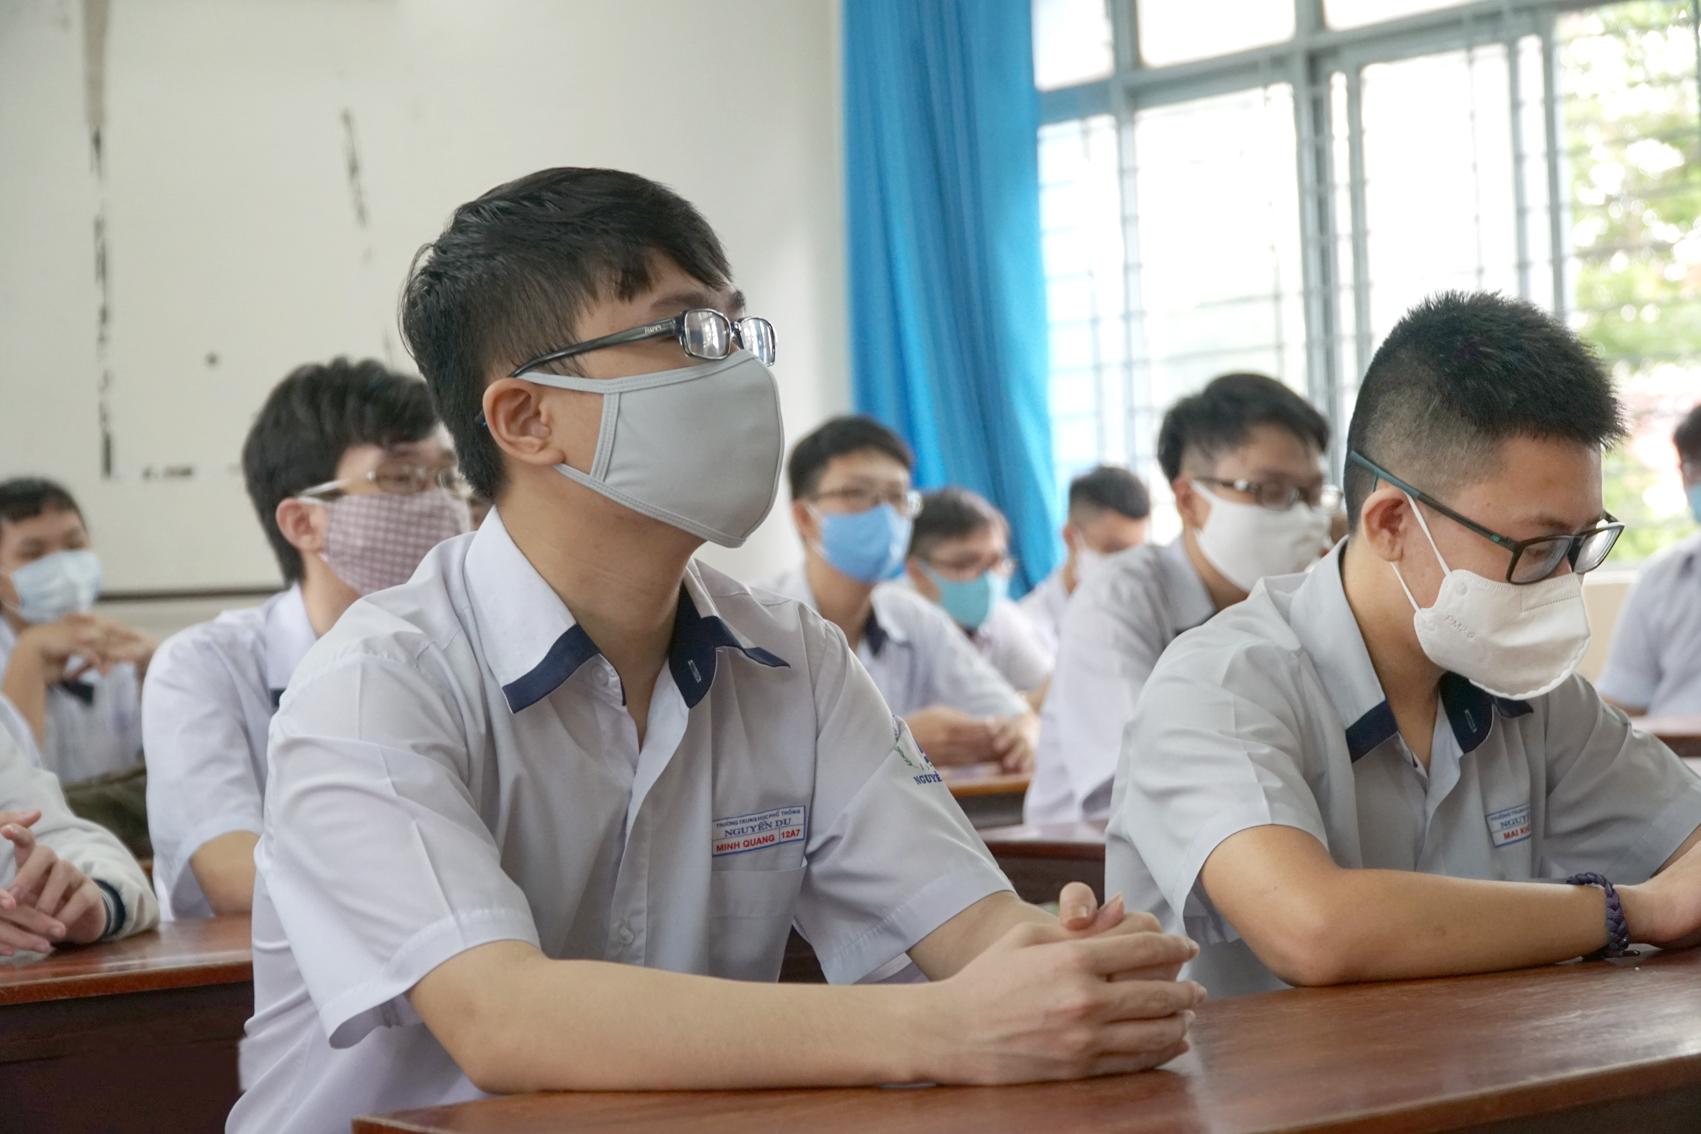 Thí sinh dự kỳ thi tuyển sinh vào lớp Mười tại TP.HCM năm 2020 - Ảnh: Tam Nguyên